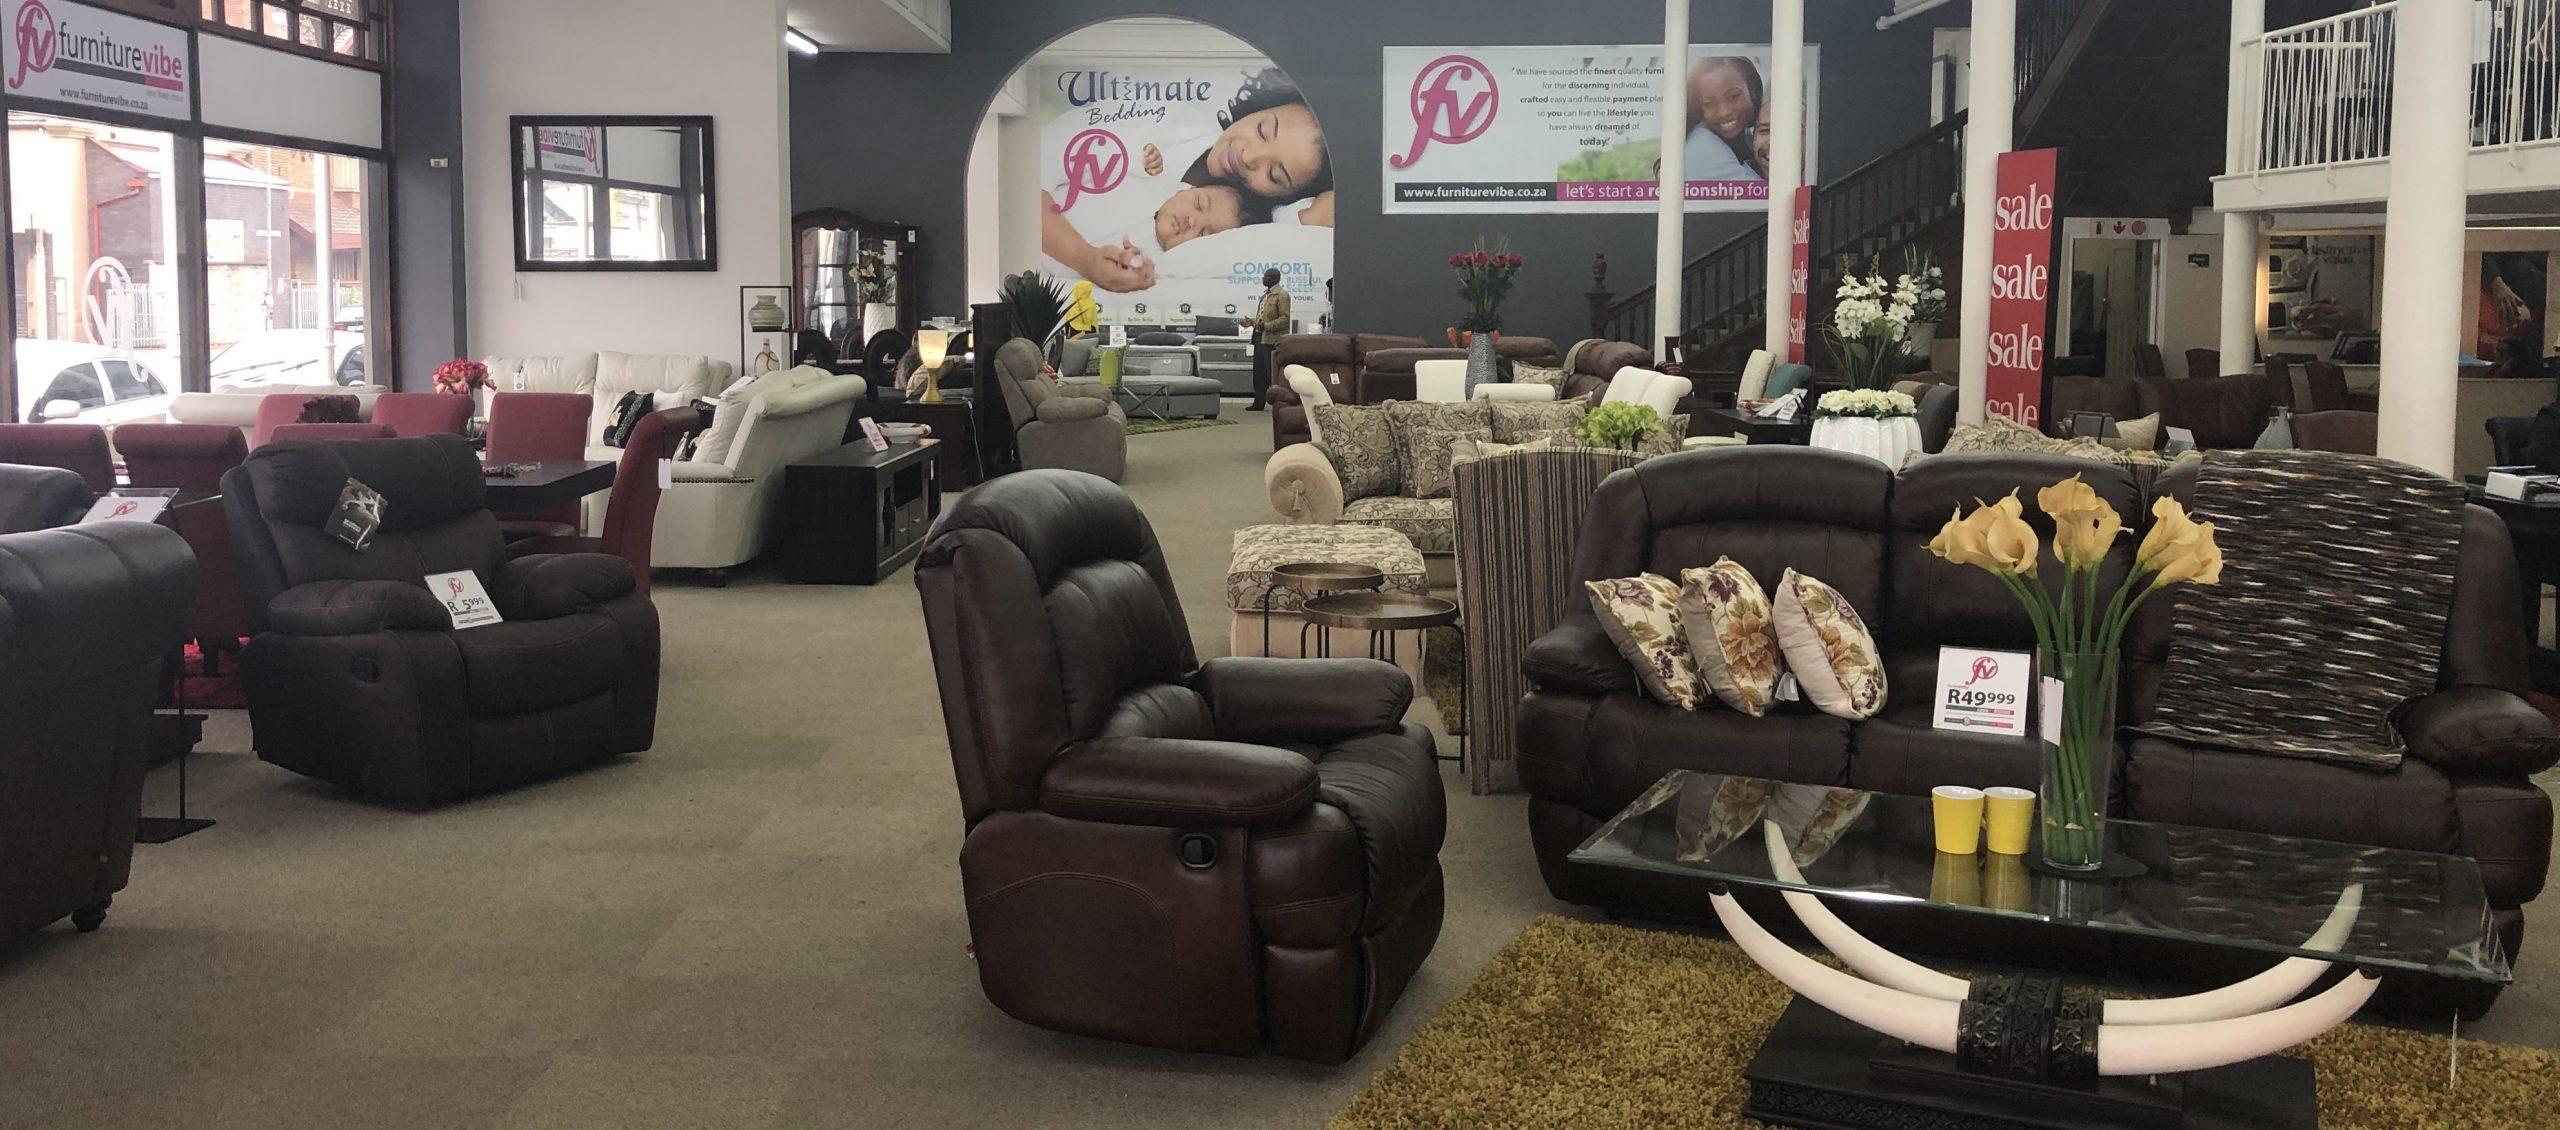 furniture vibe showroom, Furniturevibe showroom 158 Church Street Pub